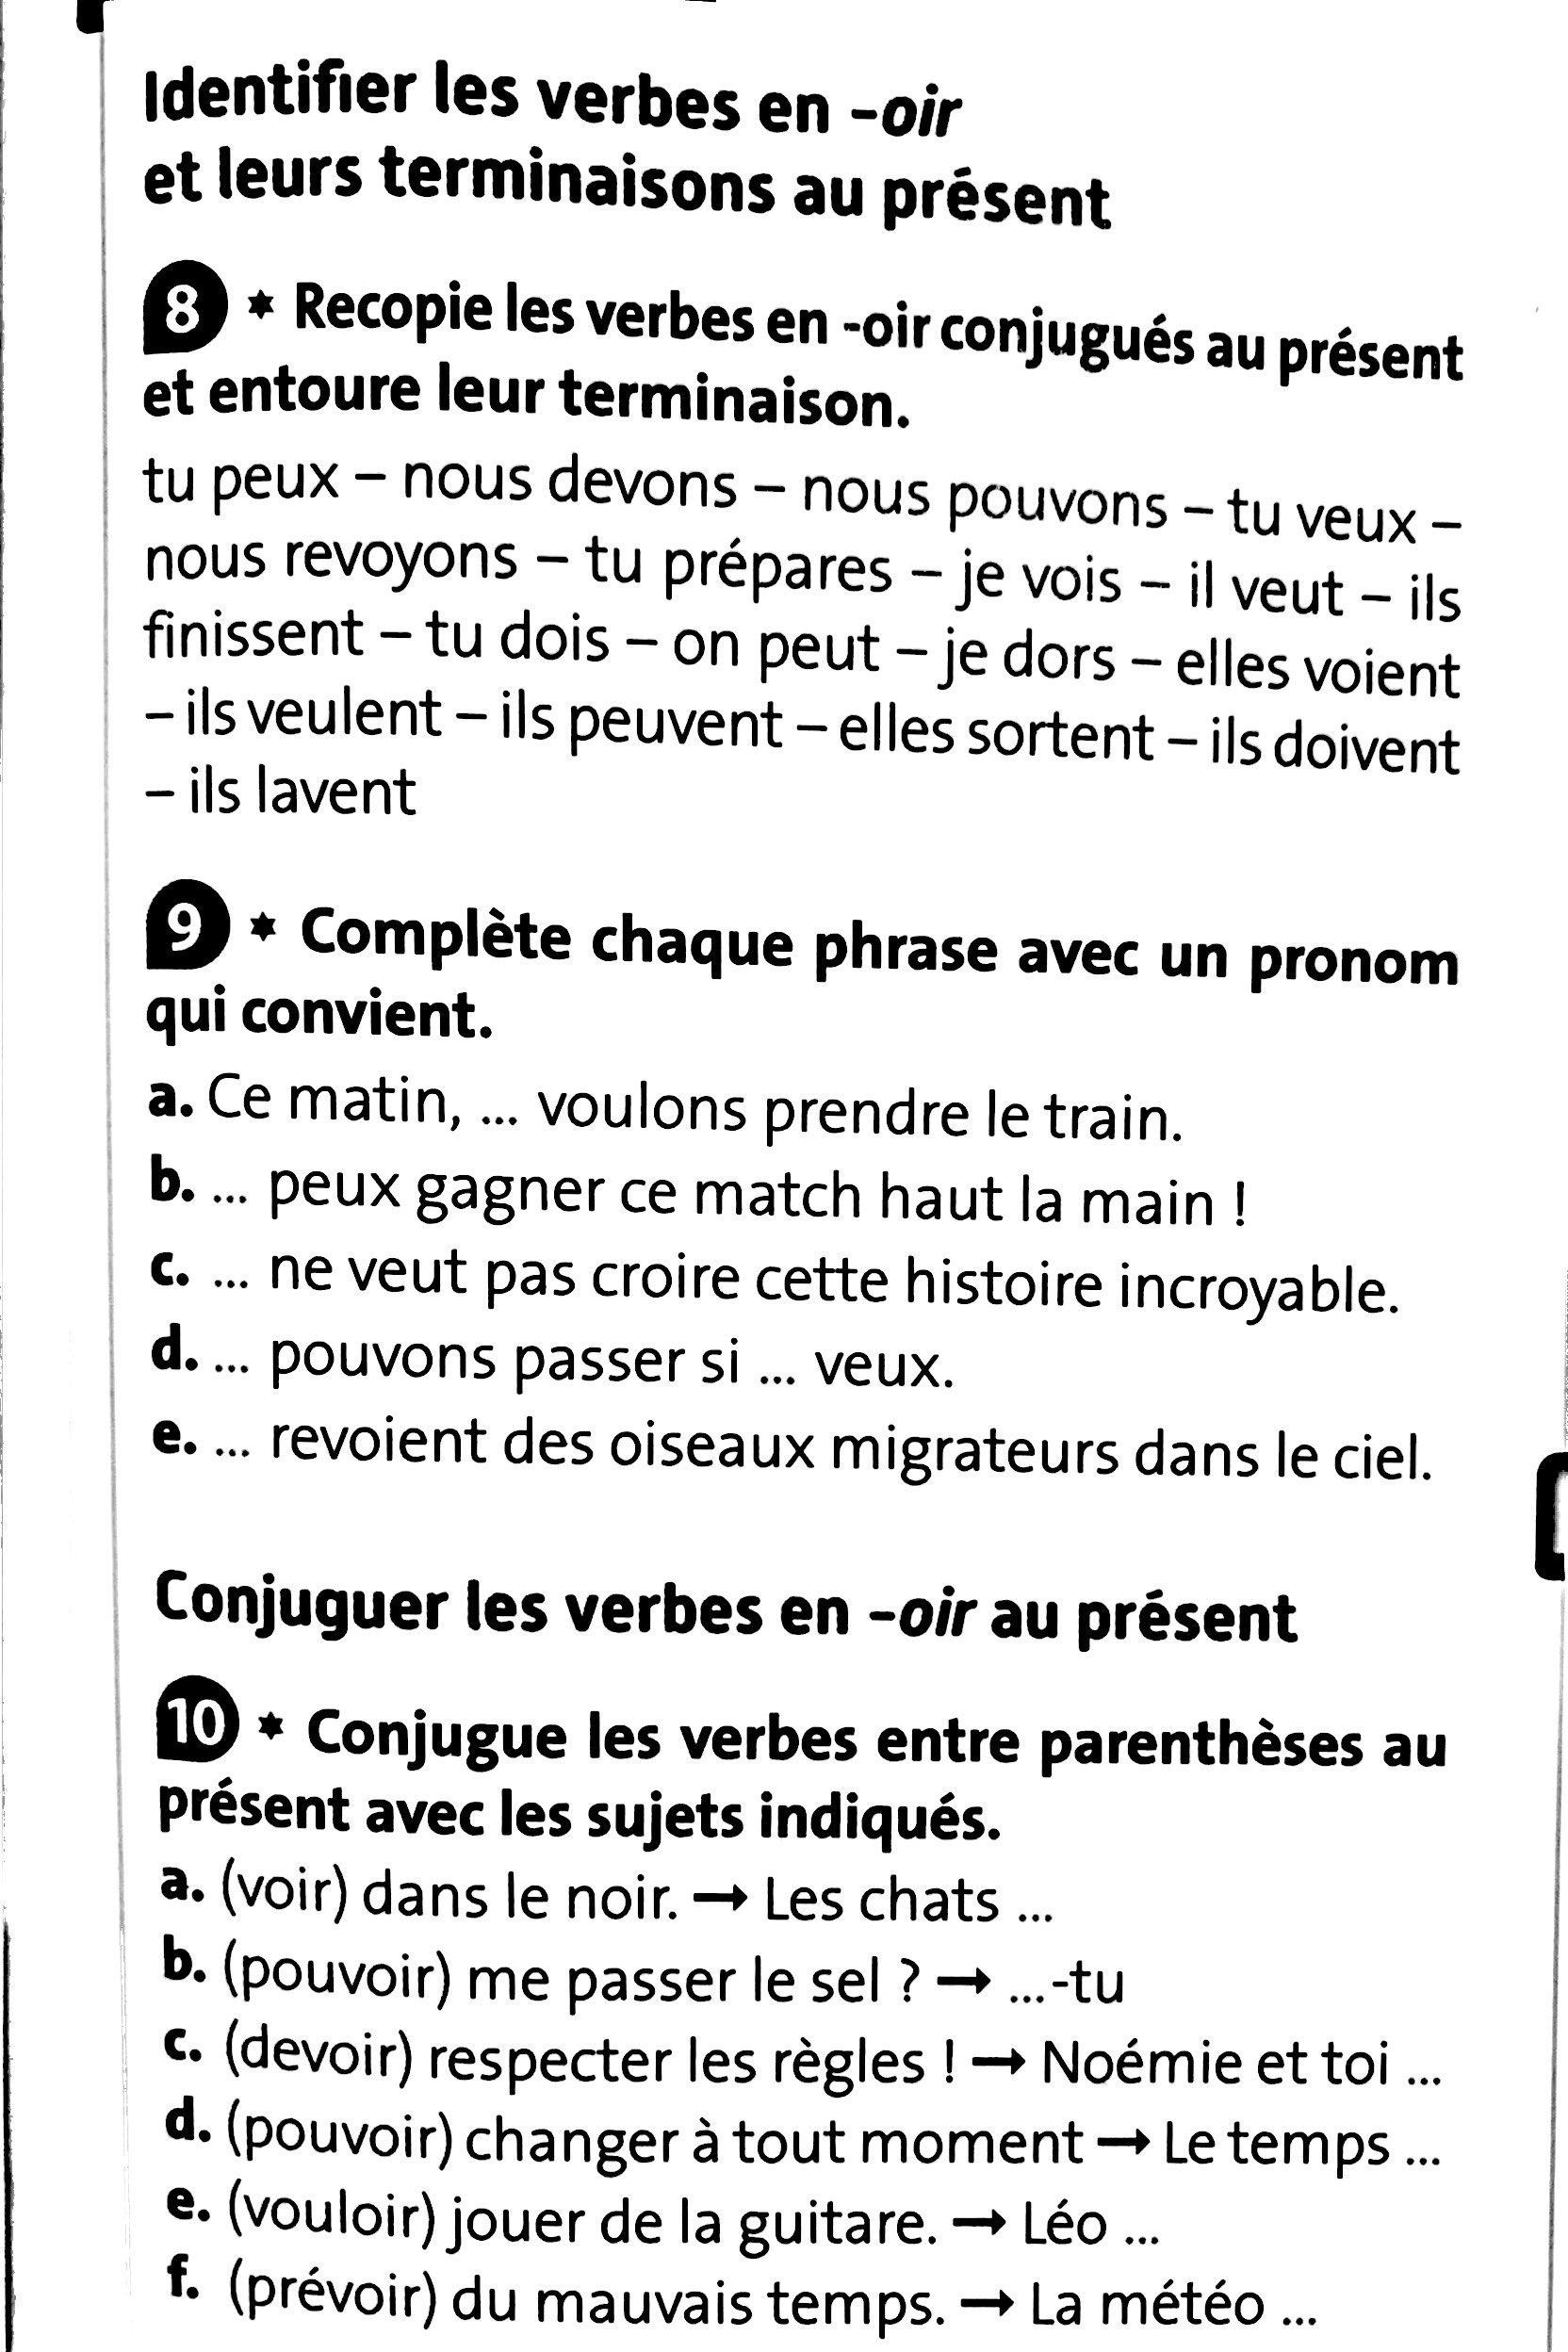 18 05 Conjugaison Present De L Indicatif Des Verbes En Oir Cm2 Mr Franzoi